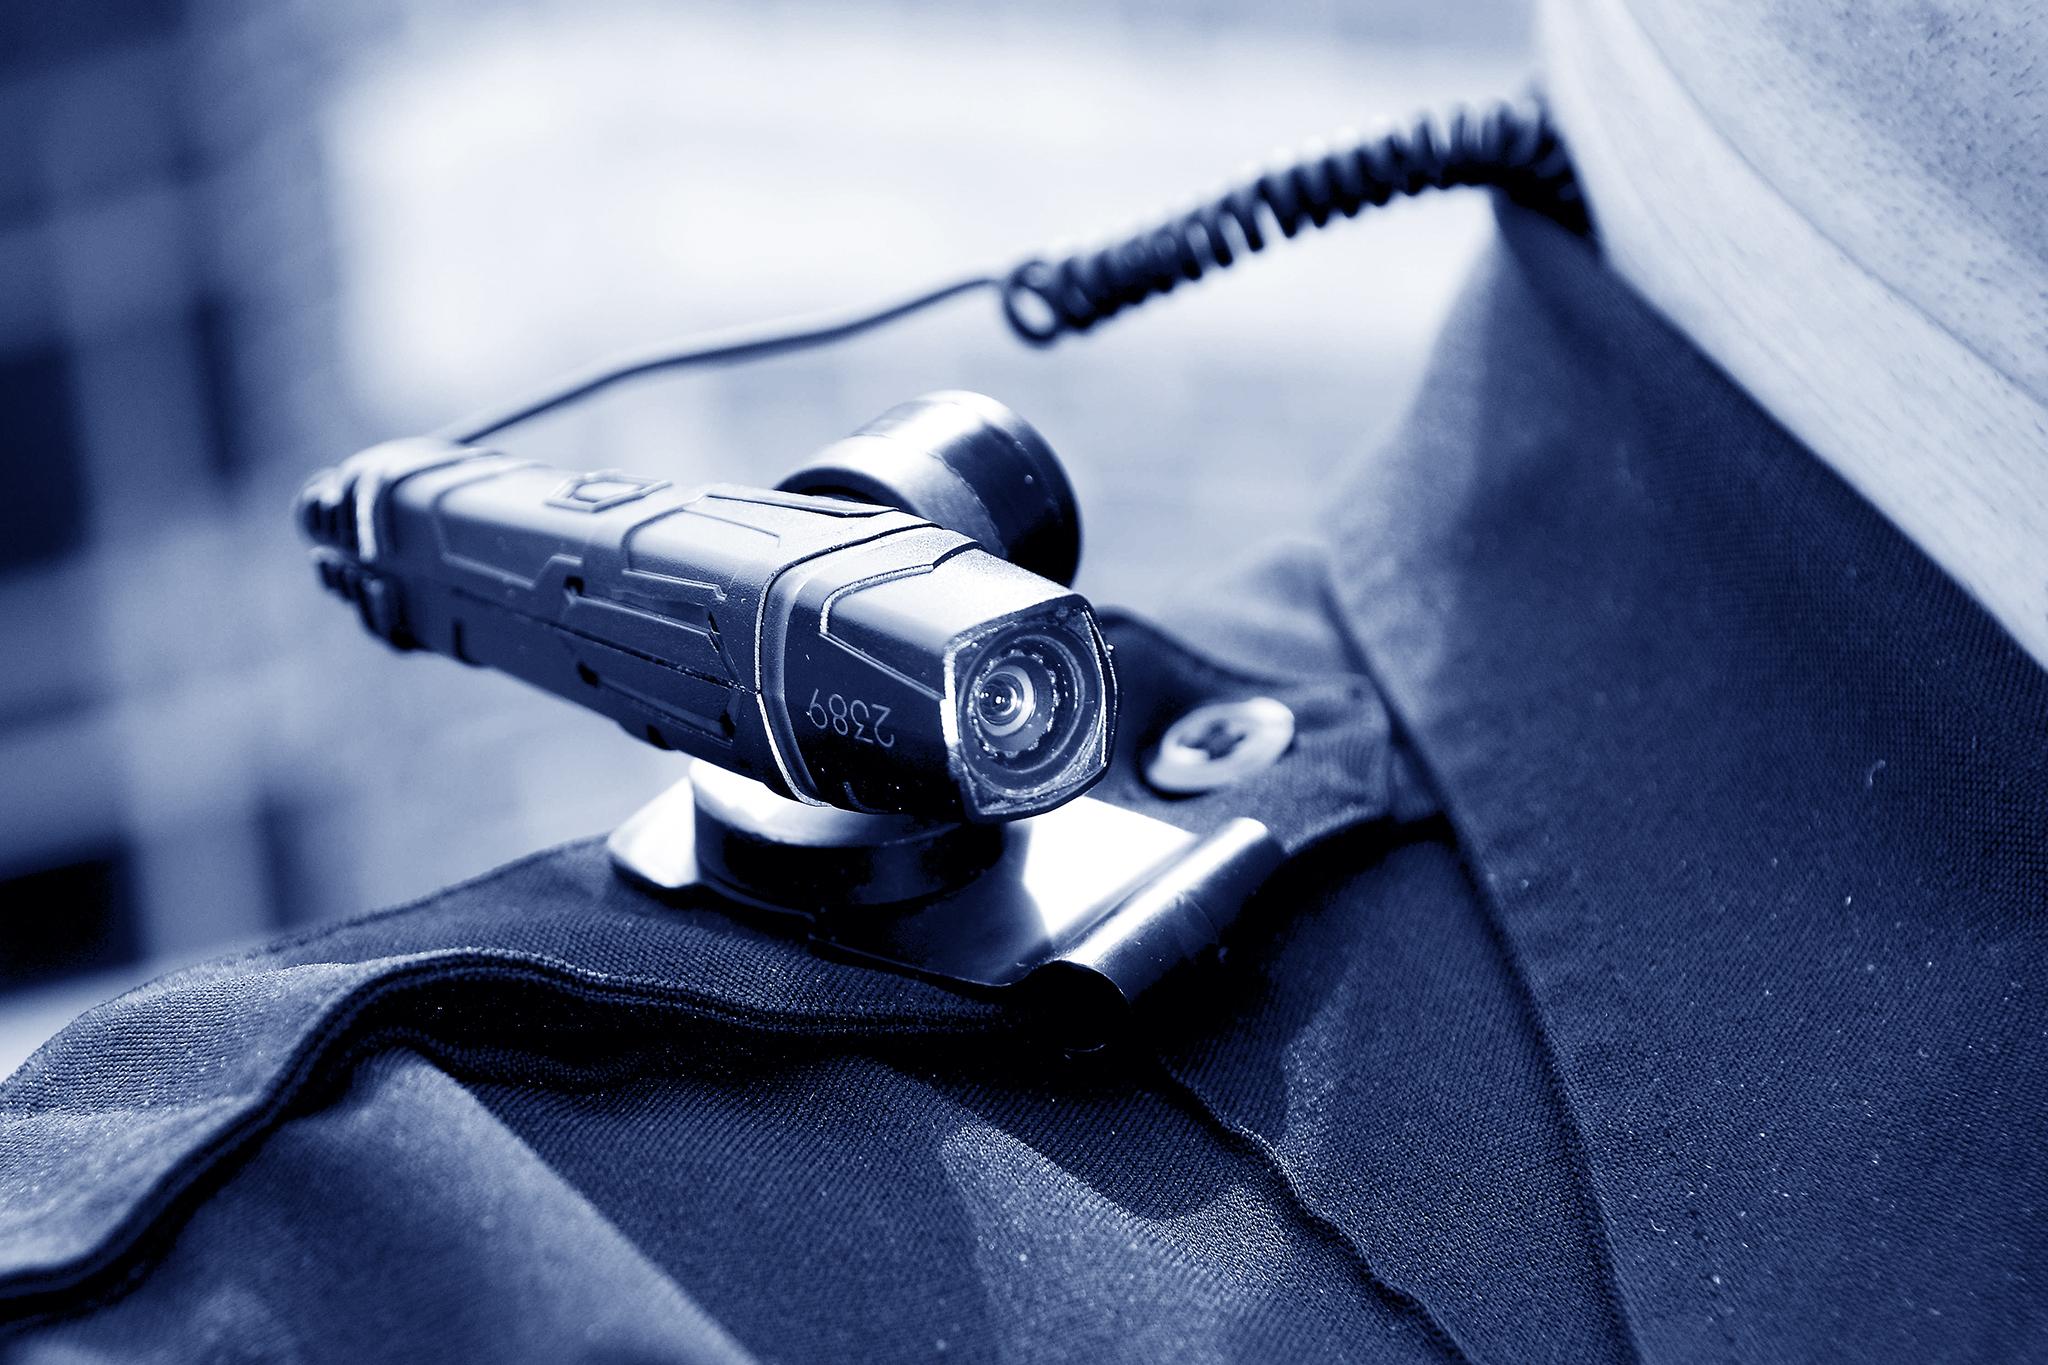 Parecer| Uso das câmaras instaladas nos uniformes da PSP deve ser reduzido ao mínimo